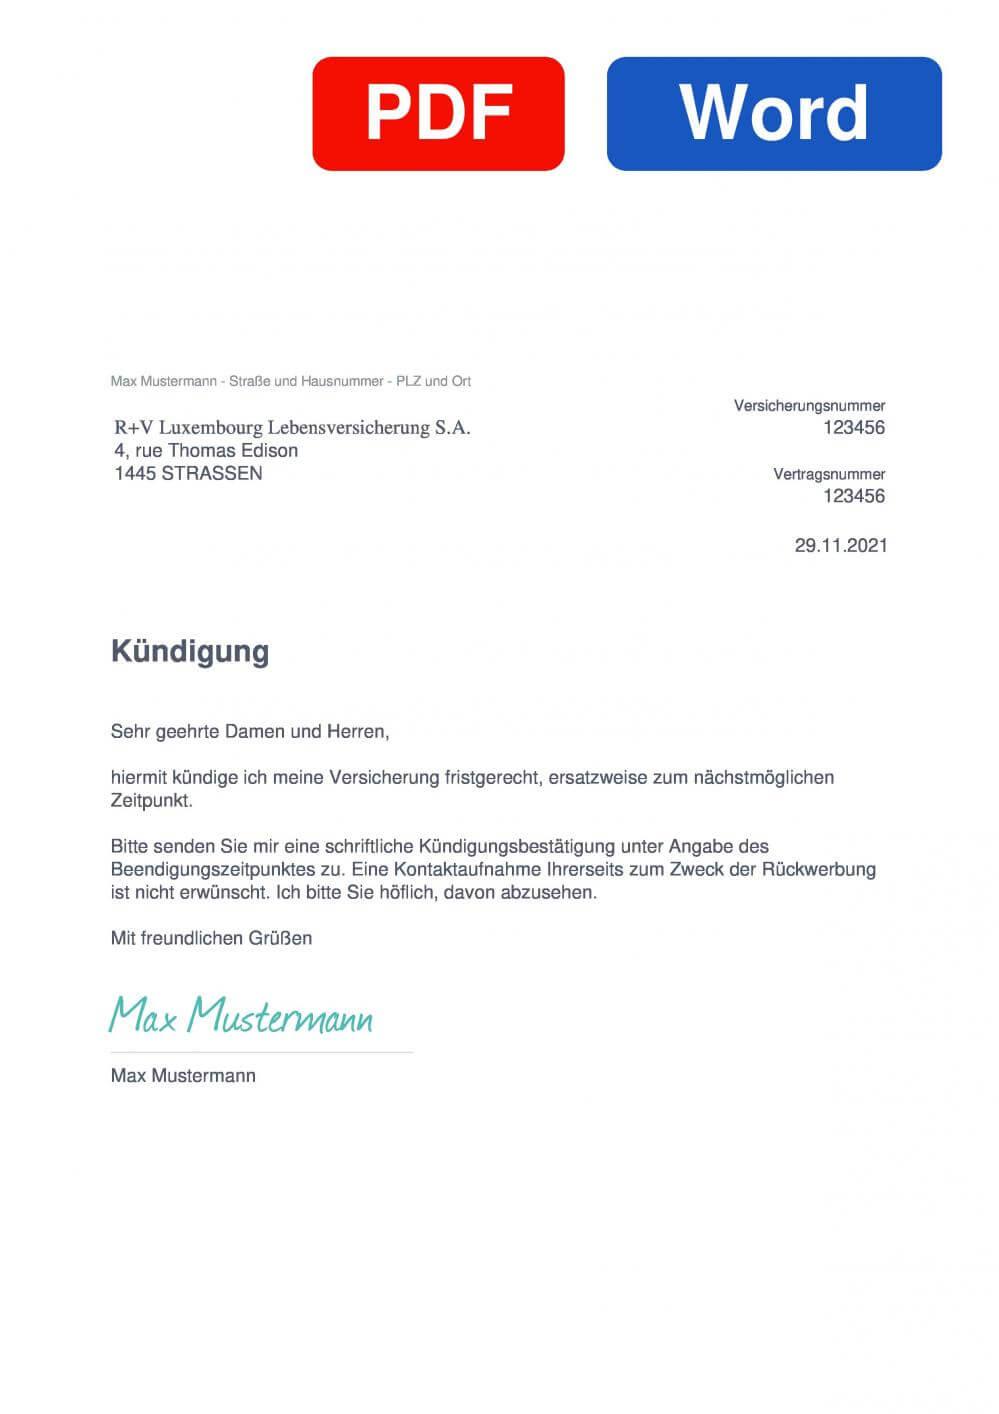 R+V Luxembourg Lebensversicherung Muster Vorlage für Kündigungsschreiben